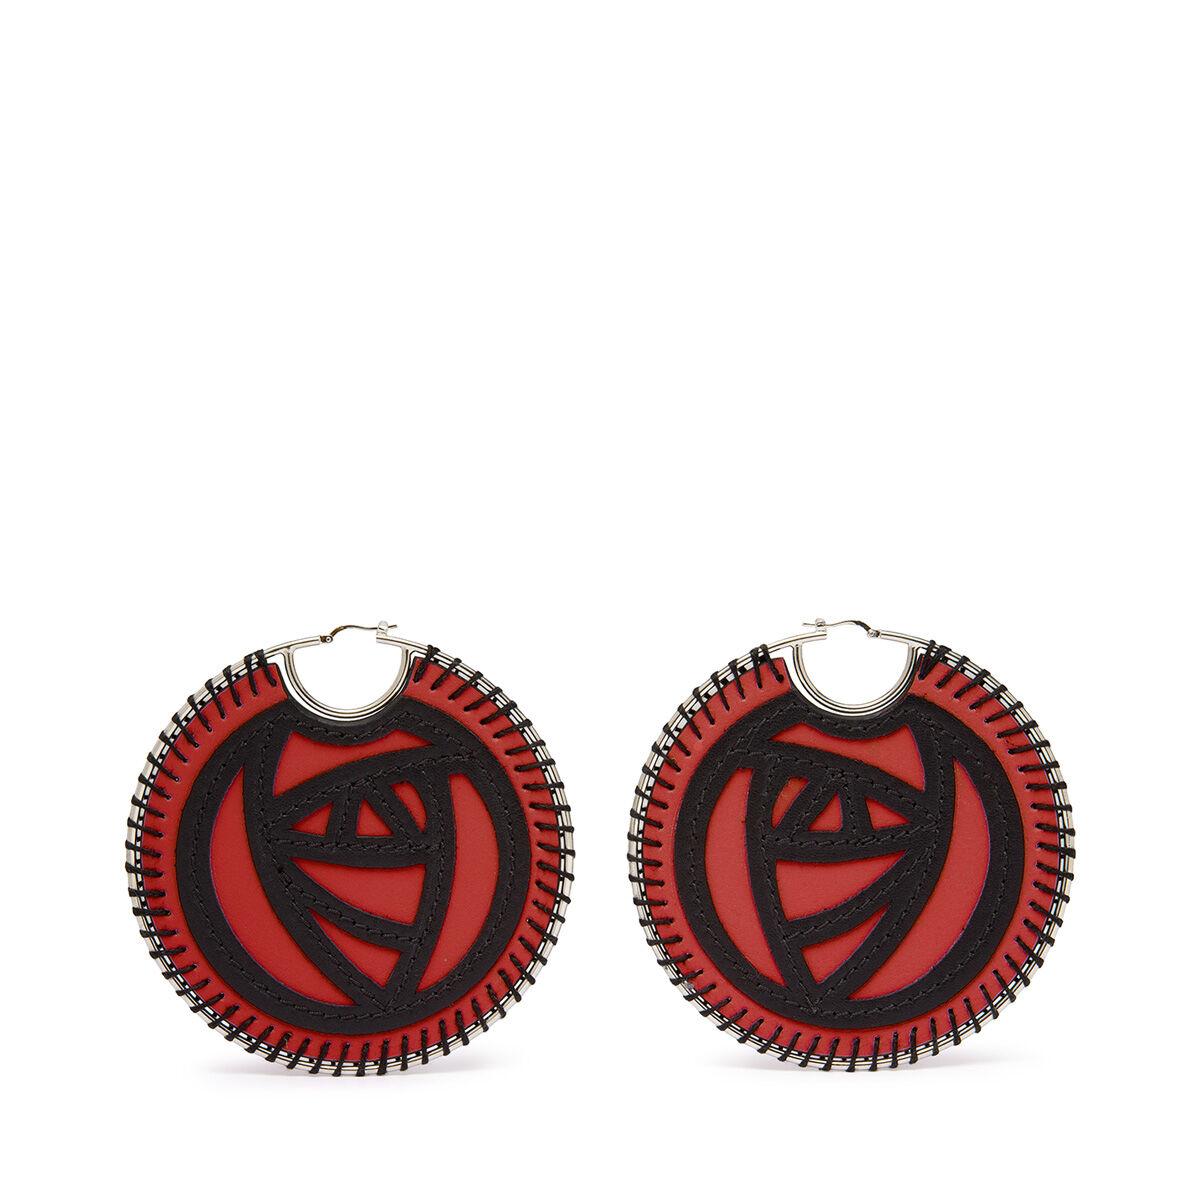 LOEWE Roses Earring Scarlet Red/Black all